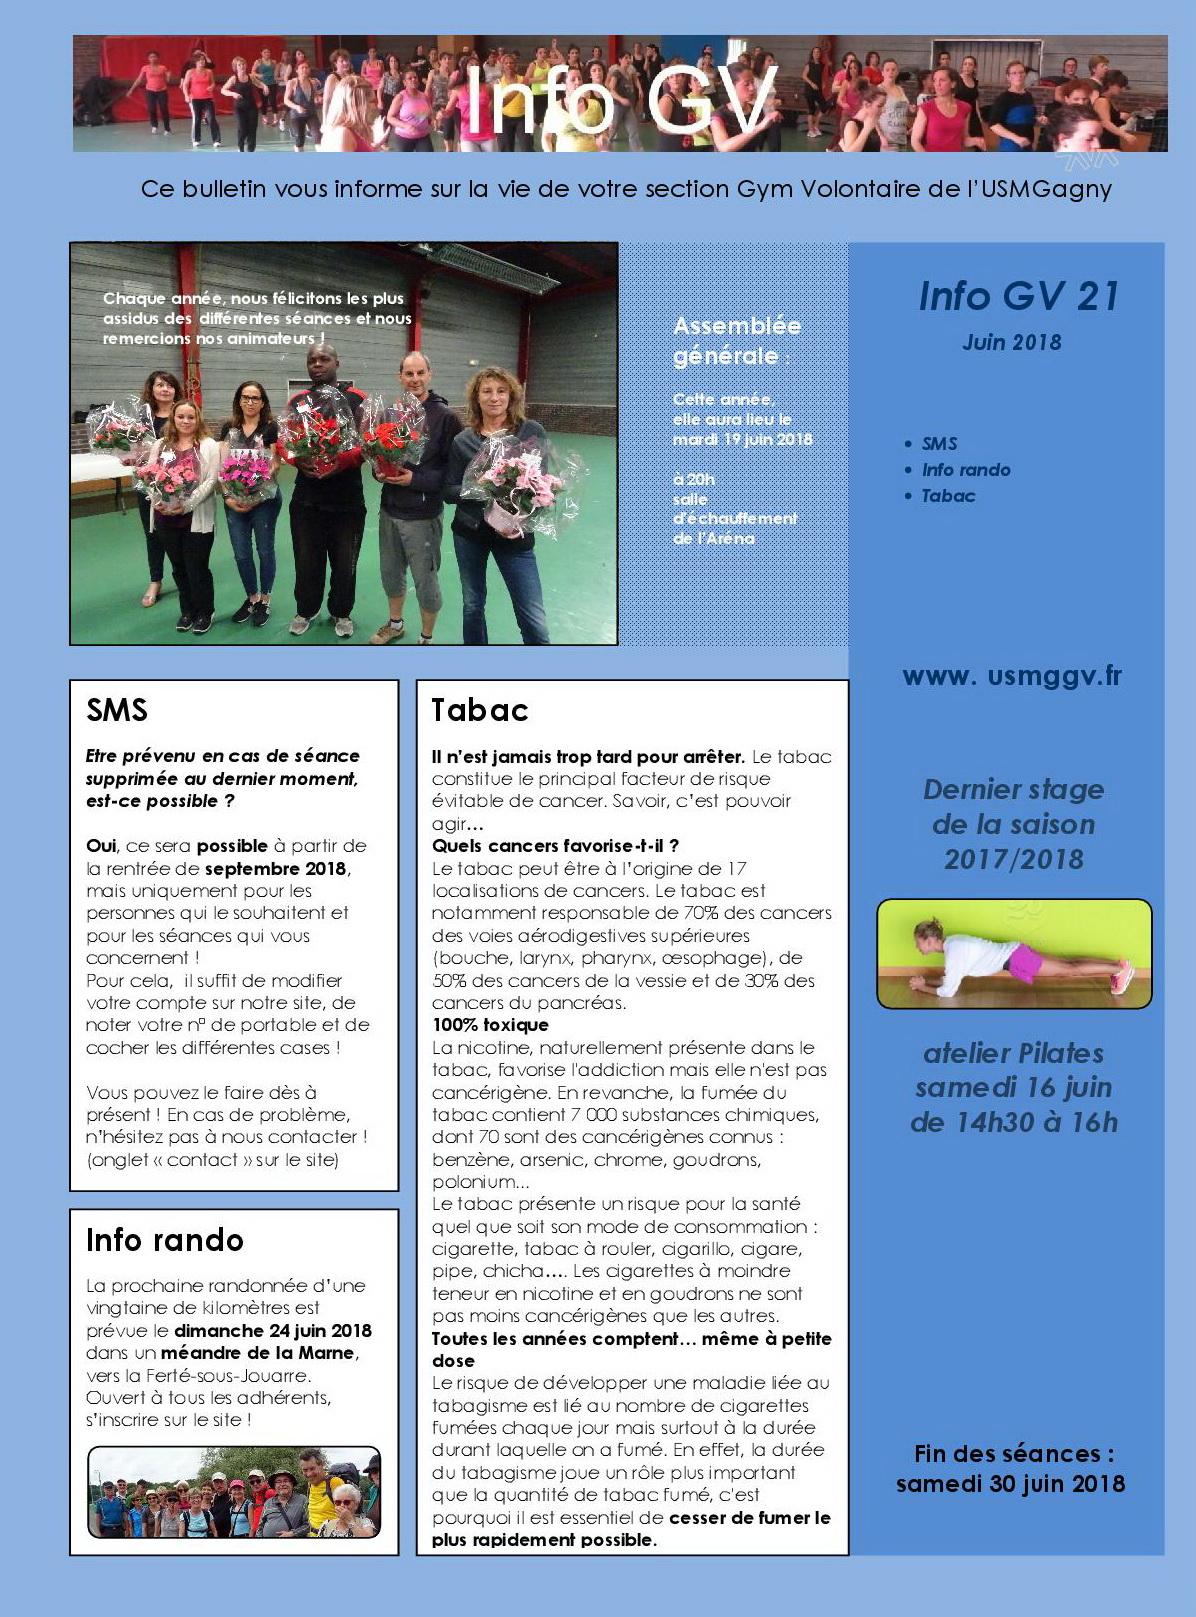 Info gv 21